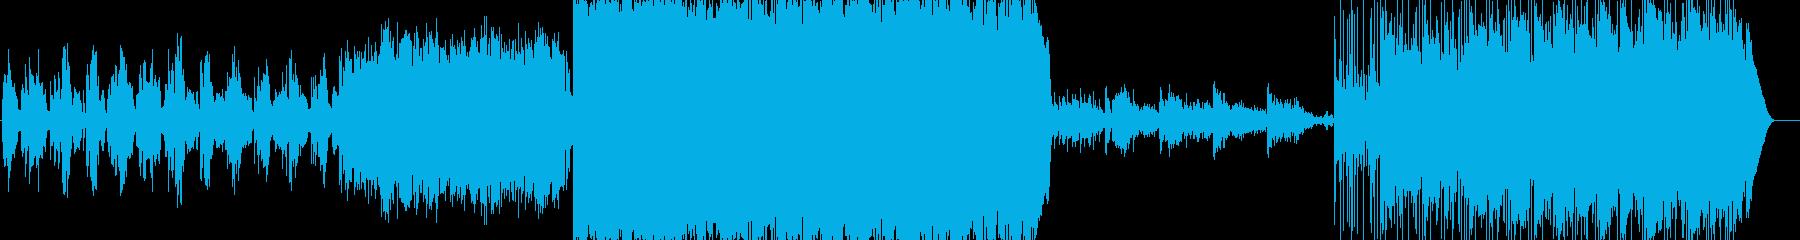 roam in octaveの再生済みの波形